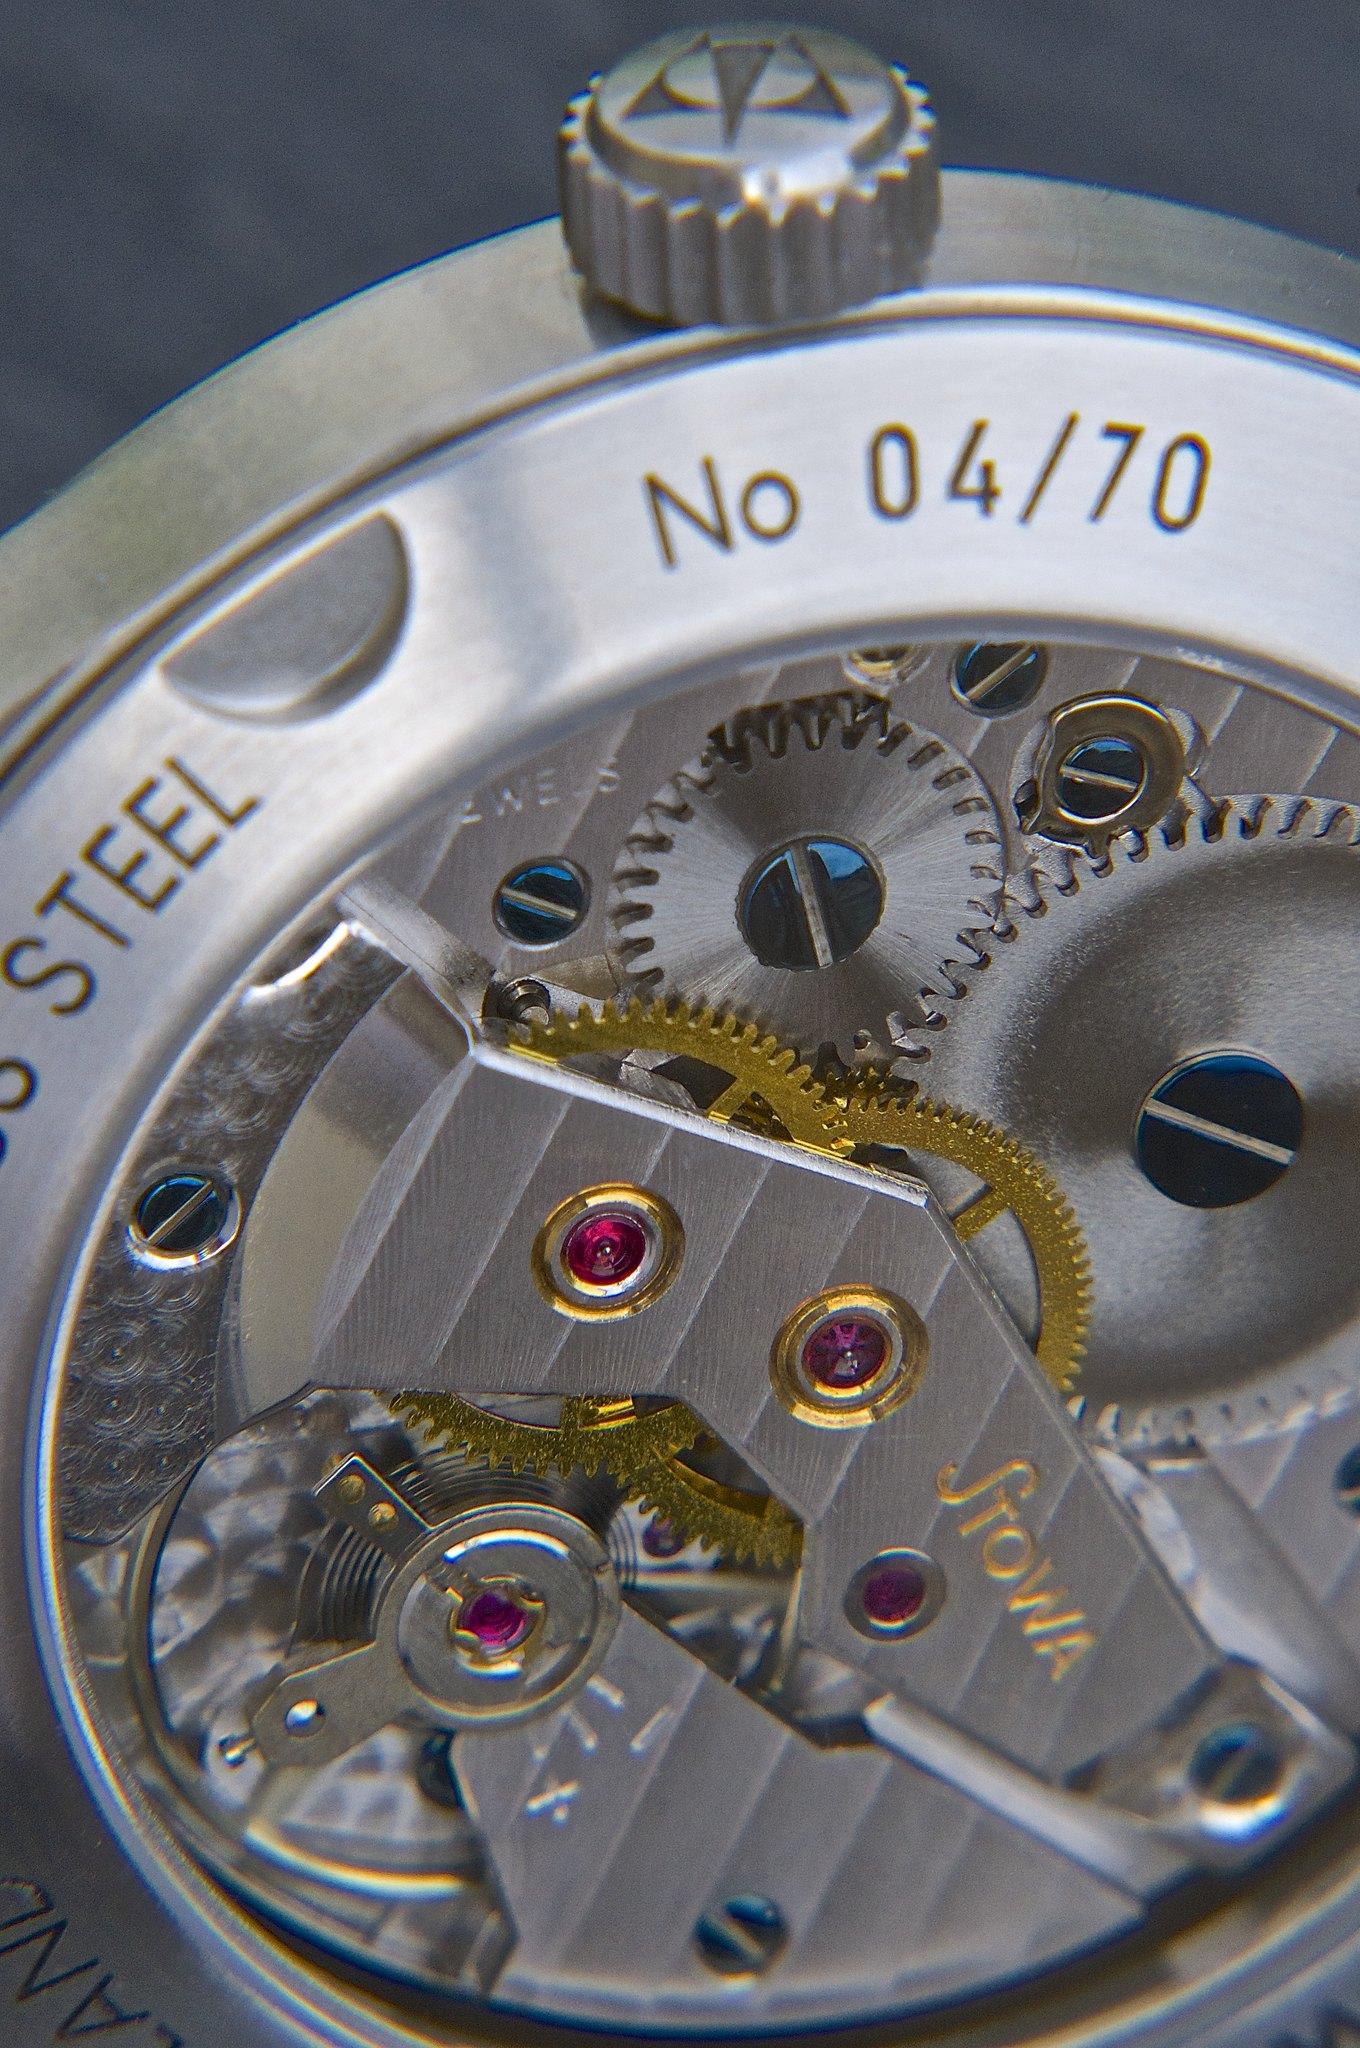 Quelle est votre plus belle conquête horlogère ? (Avec photo !)  - Page 2 8655328620_961e985aaa_k